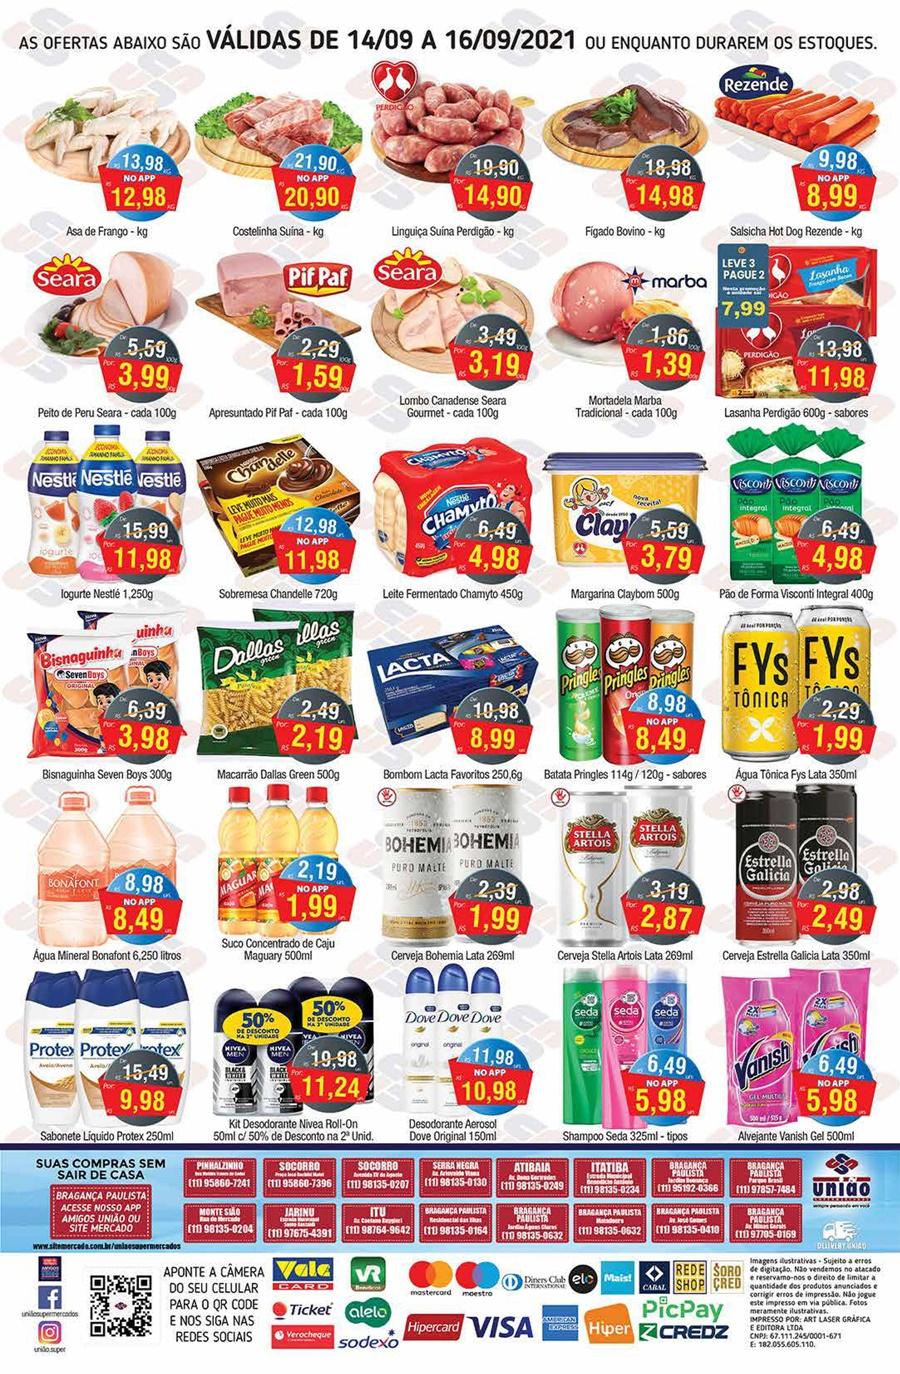 União Supermercados tem ofertas no açougue, embutidos, hortifrúti e muito mais para a quarta-feira